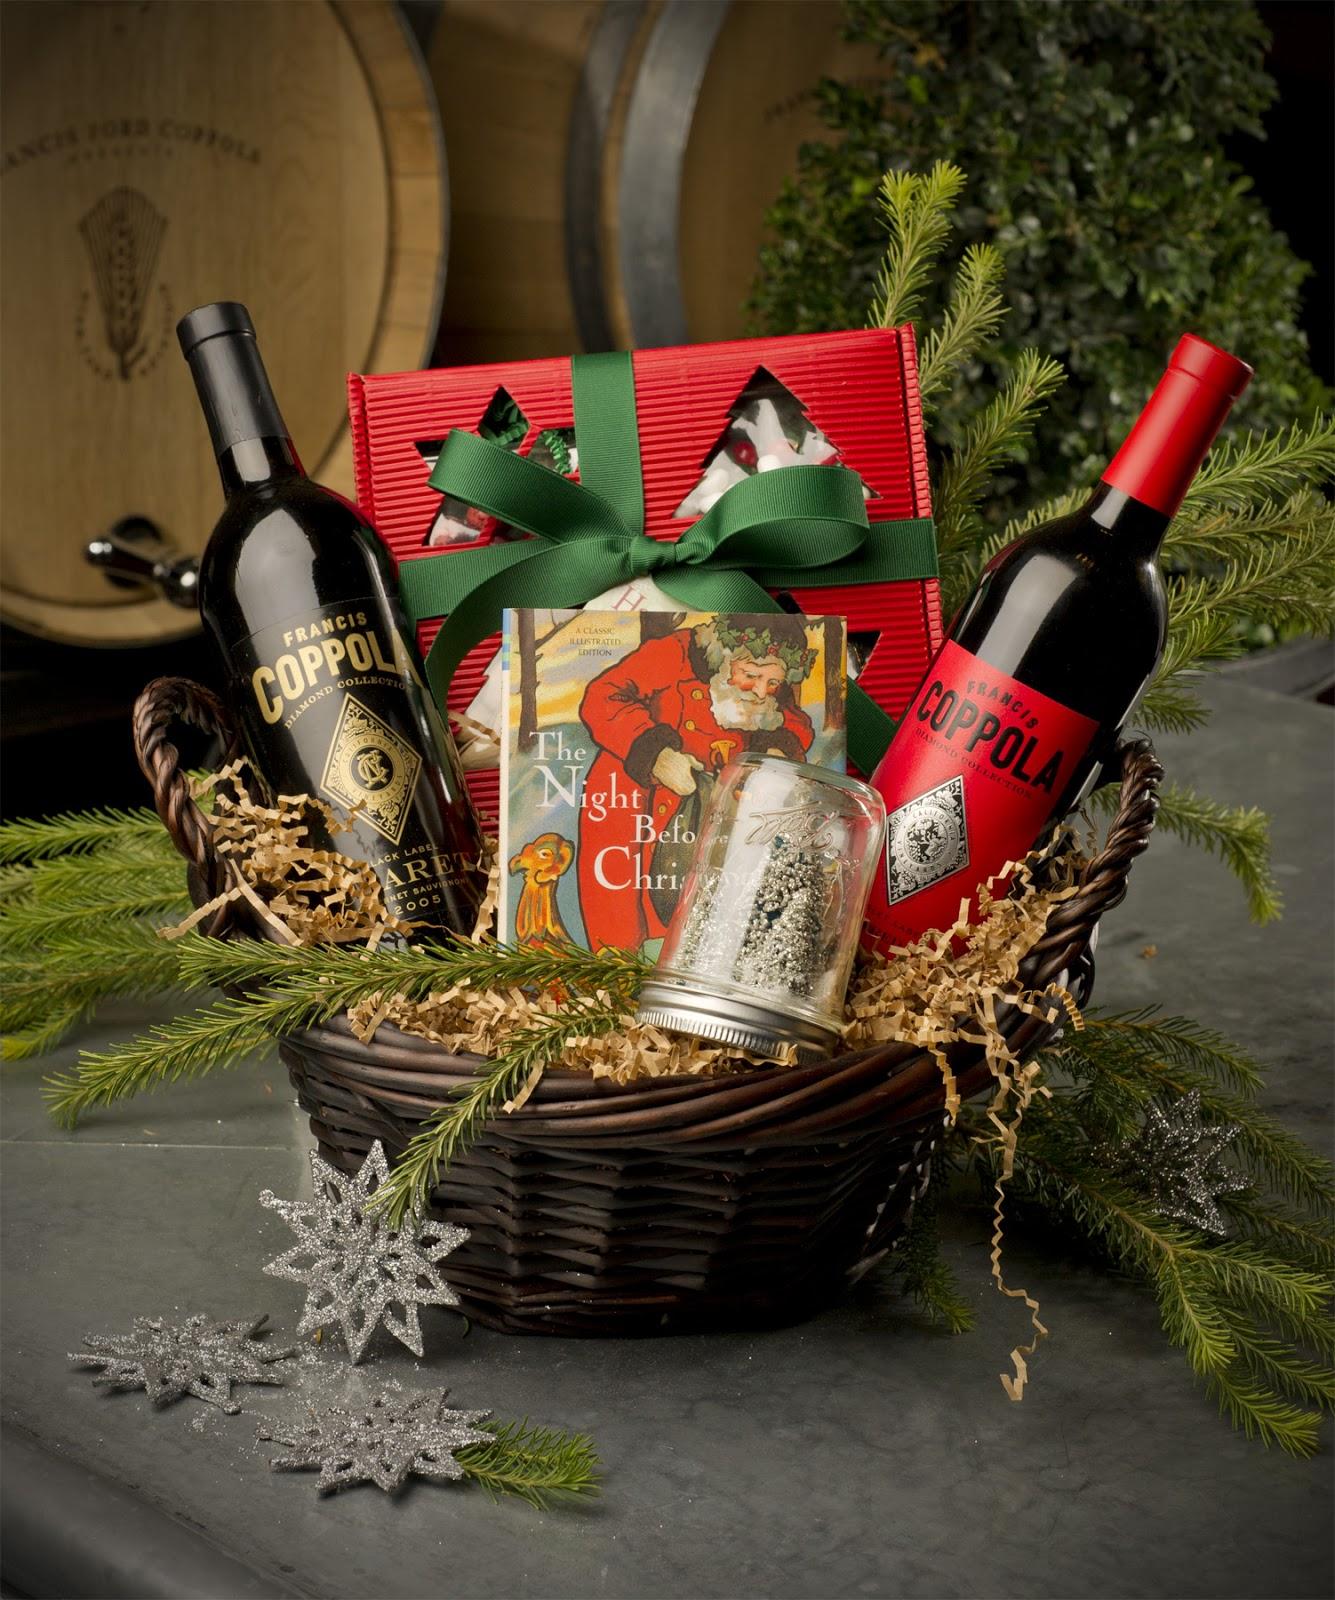 Как красиво упаковать бутылку в подарок - 12 идей - Мой ребенок 21